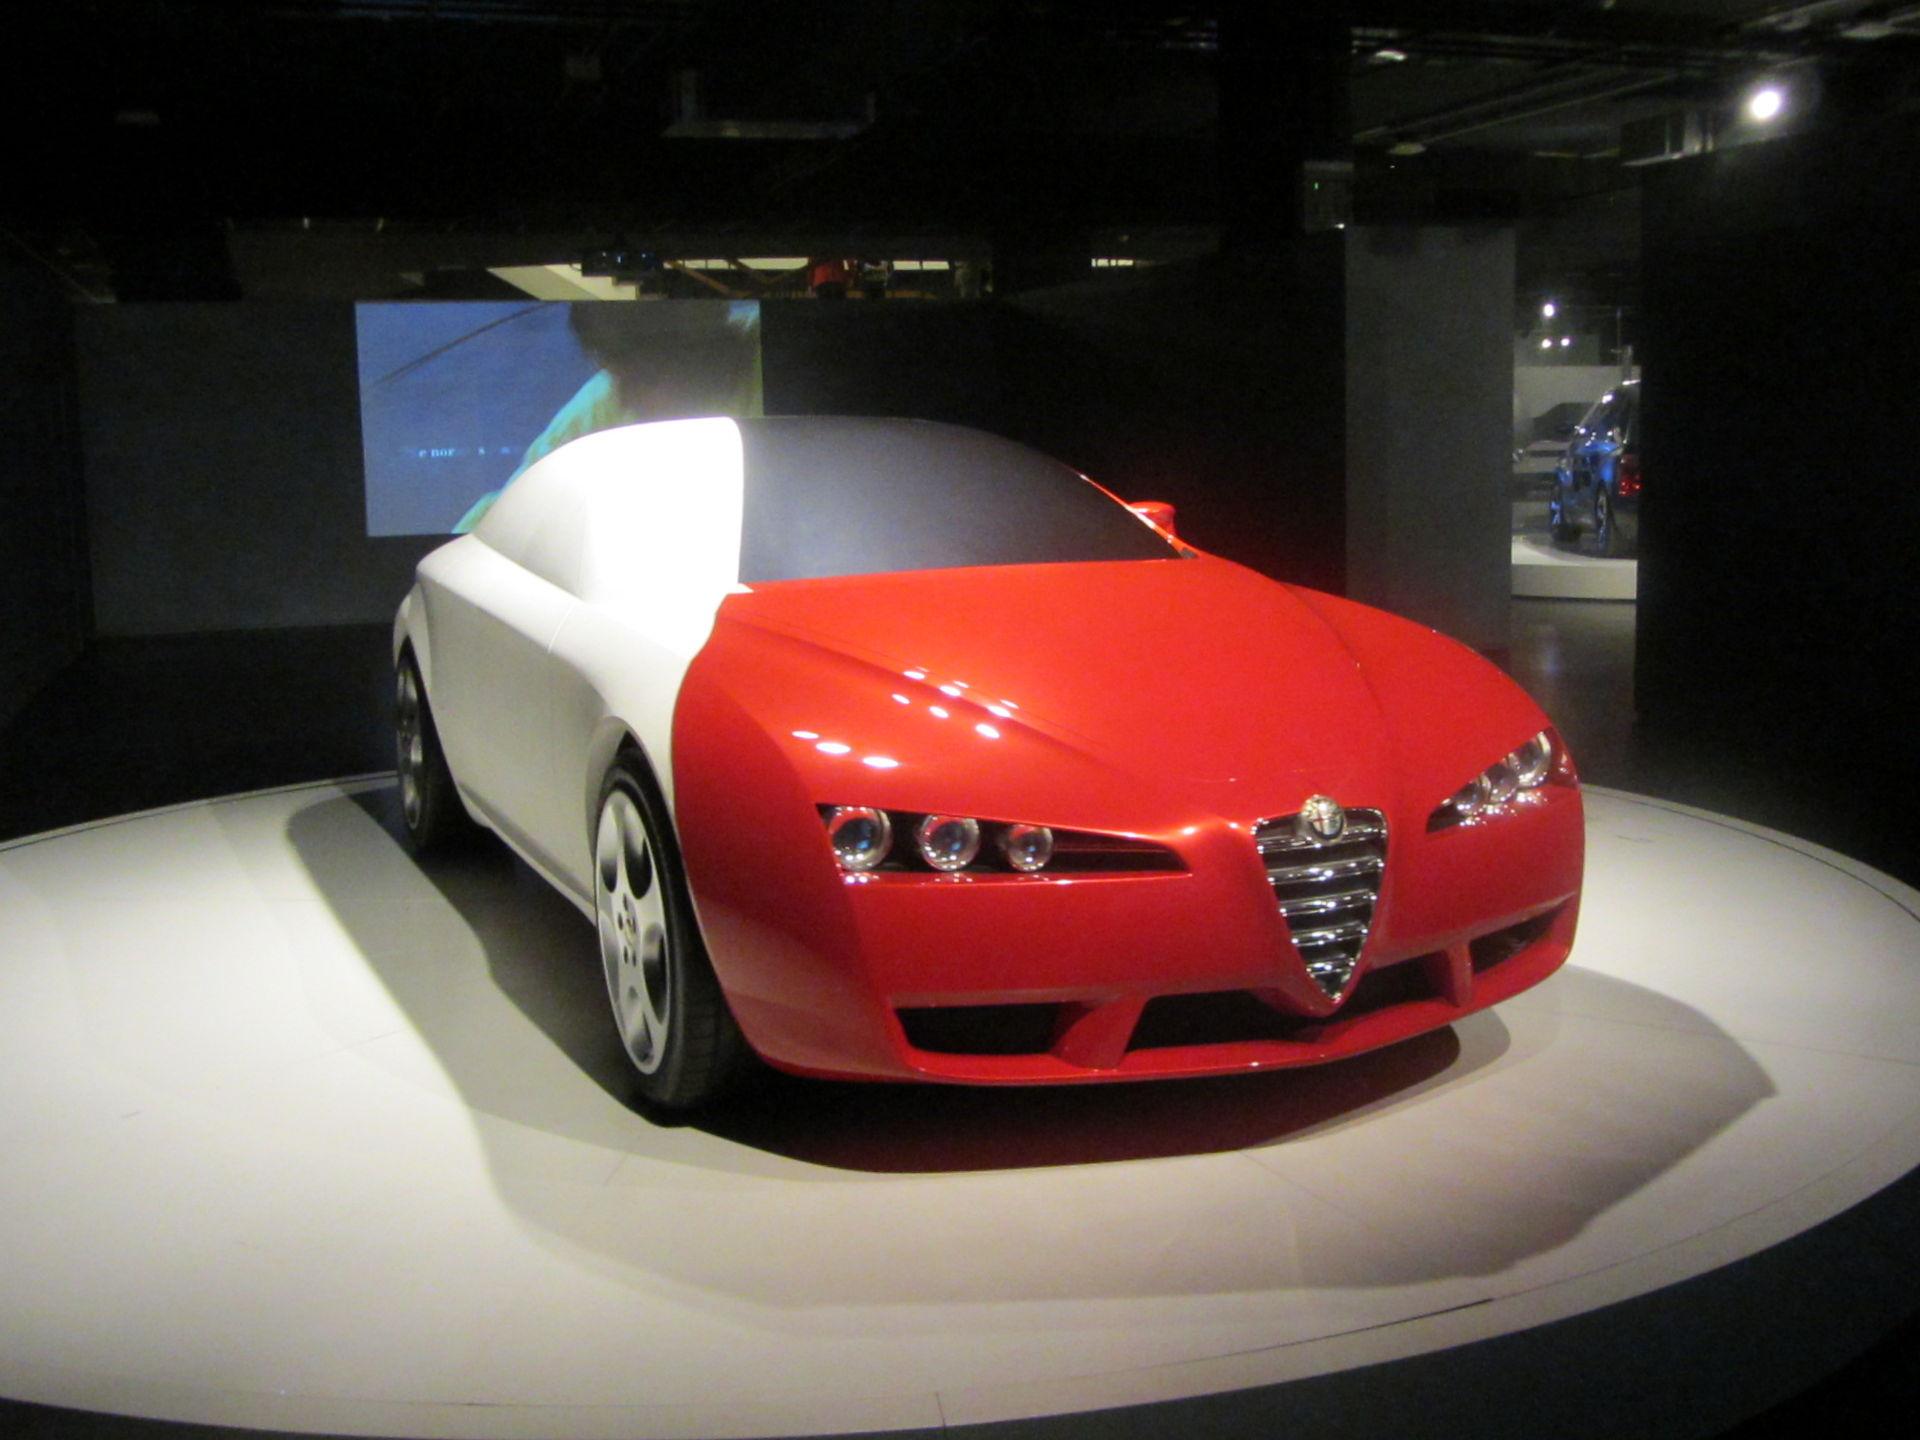 Progettazione Di Automobili Wikipedia